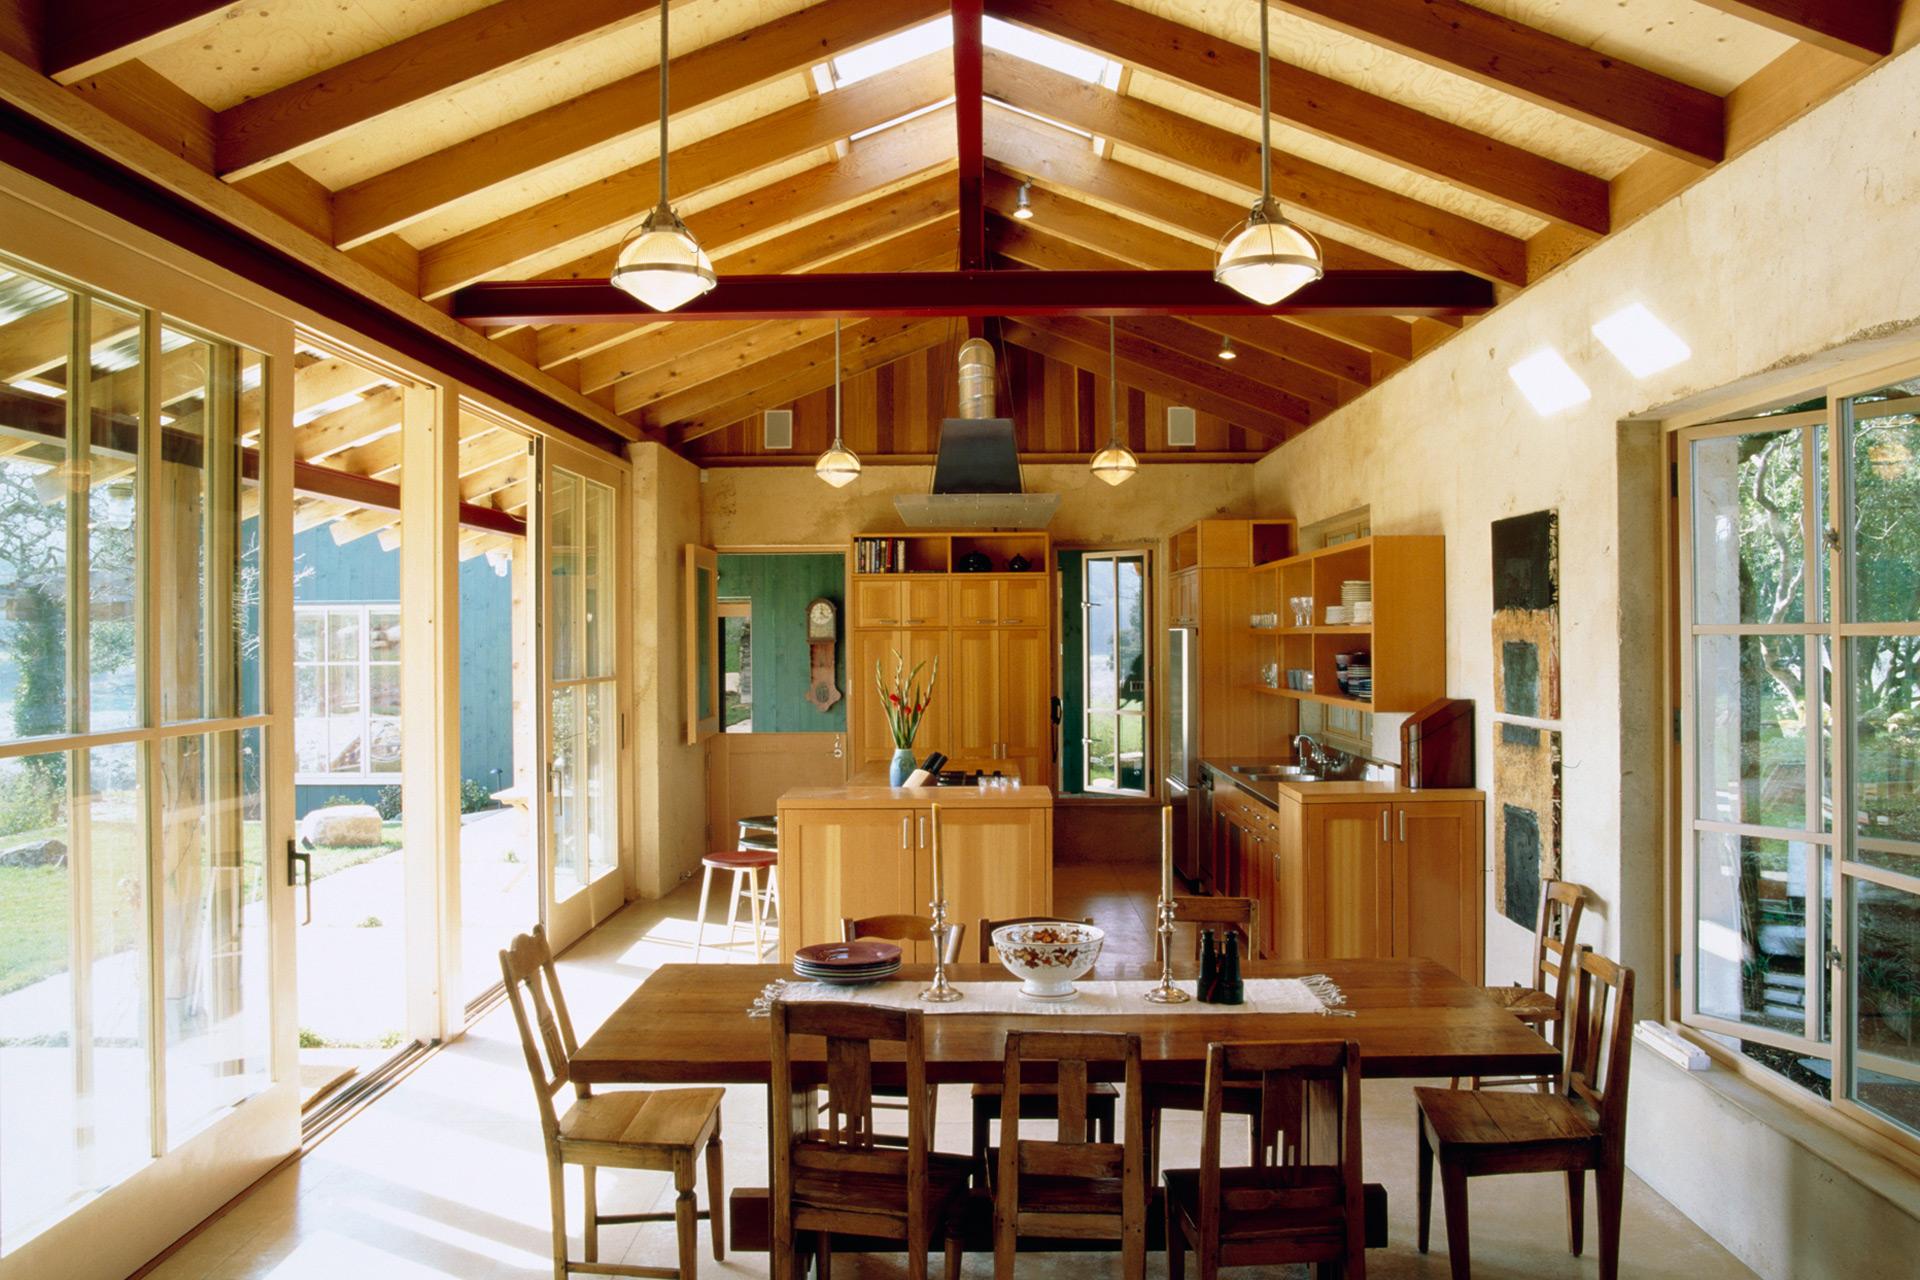 Lovall Valley Residence interior design